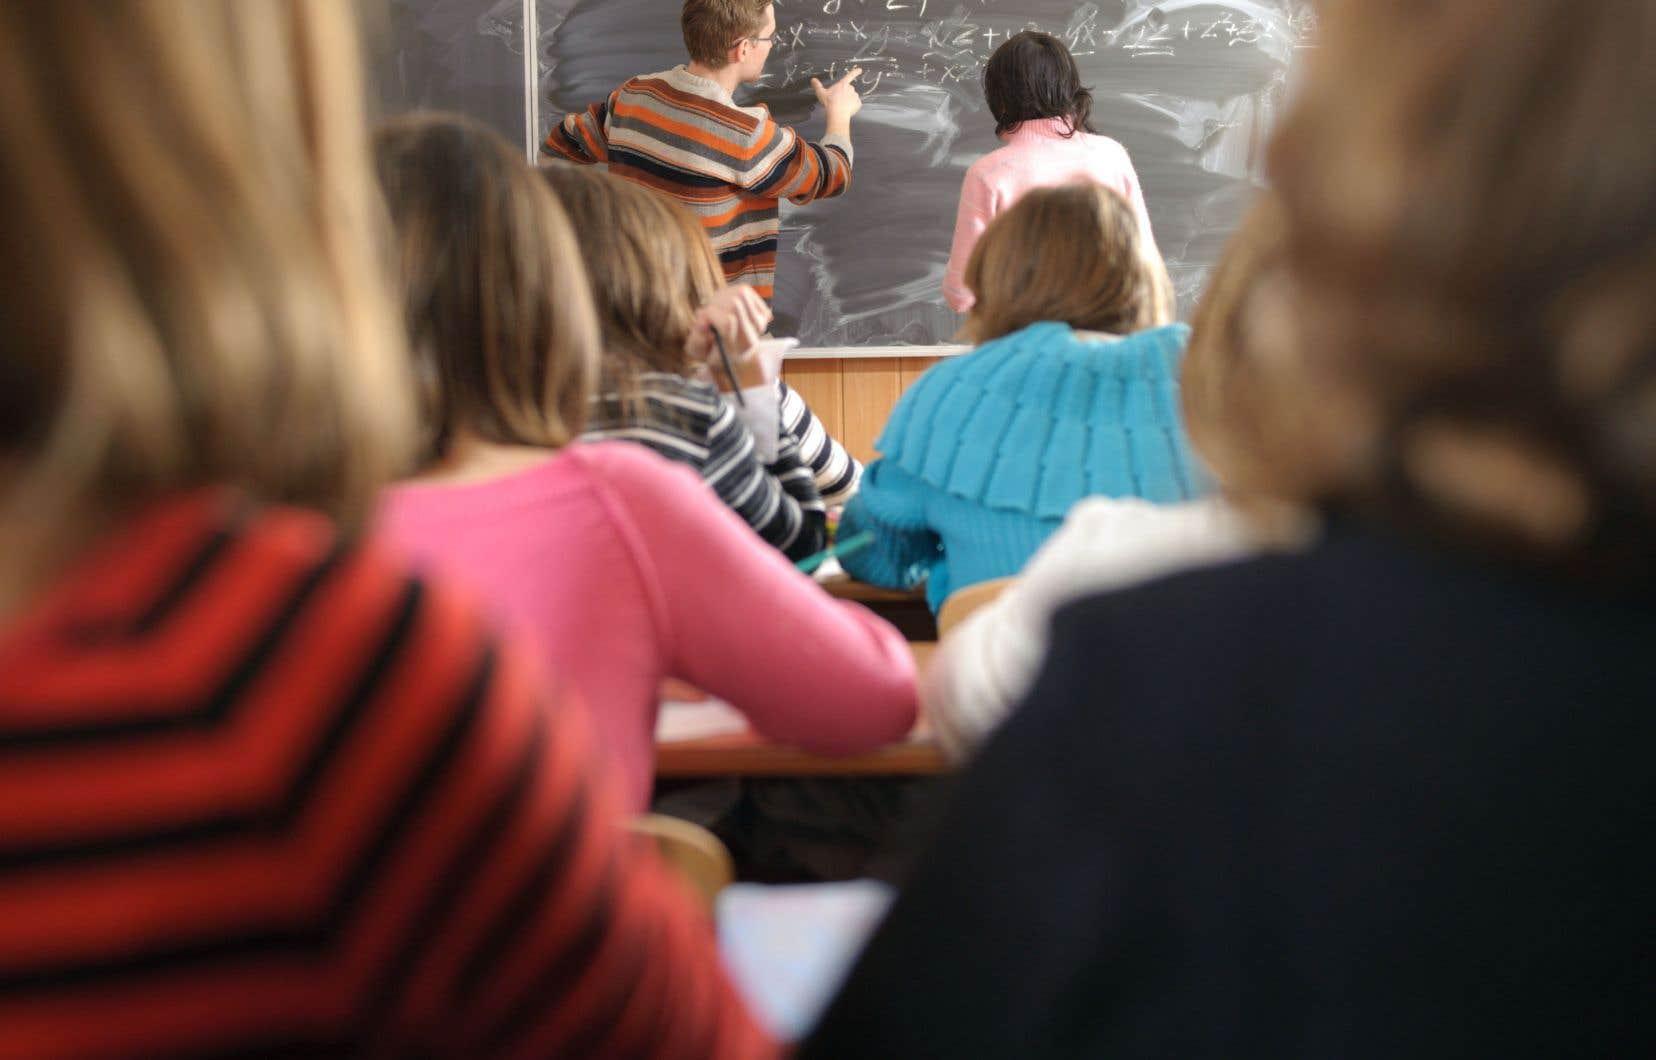 Le ministre de l'Éducation, Sébastien Proulx, veut lancer le débat sur les moyens d'améliorer l'école.